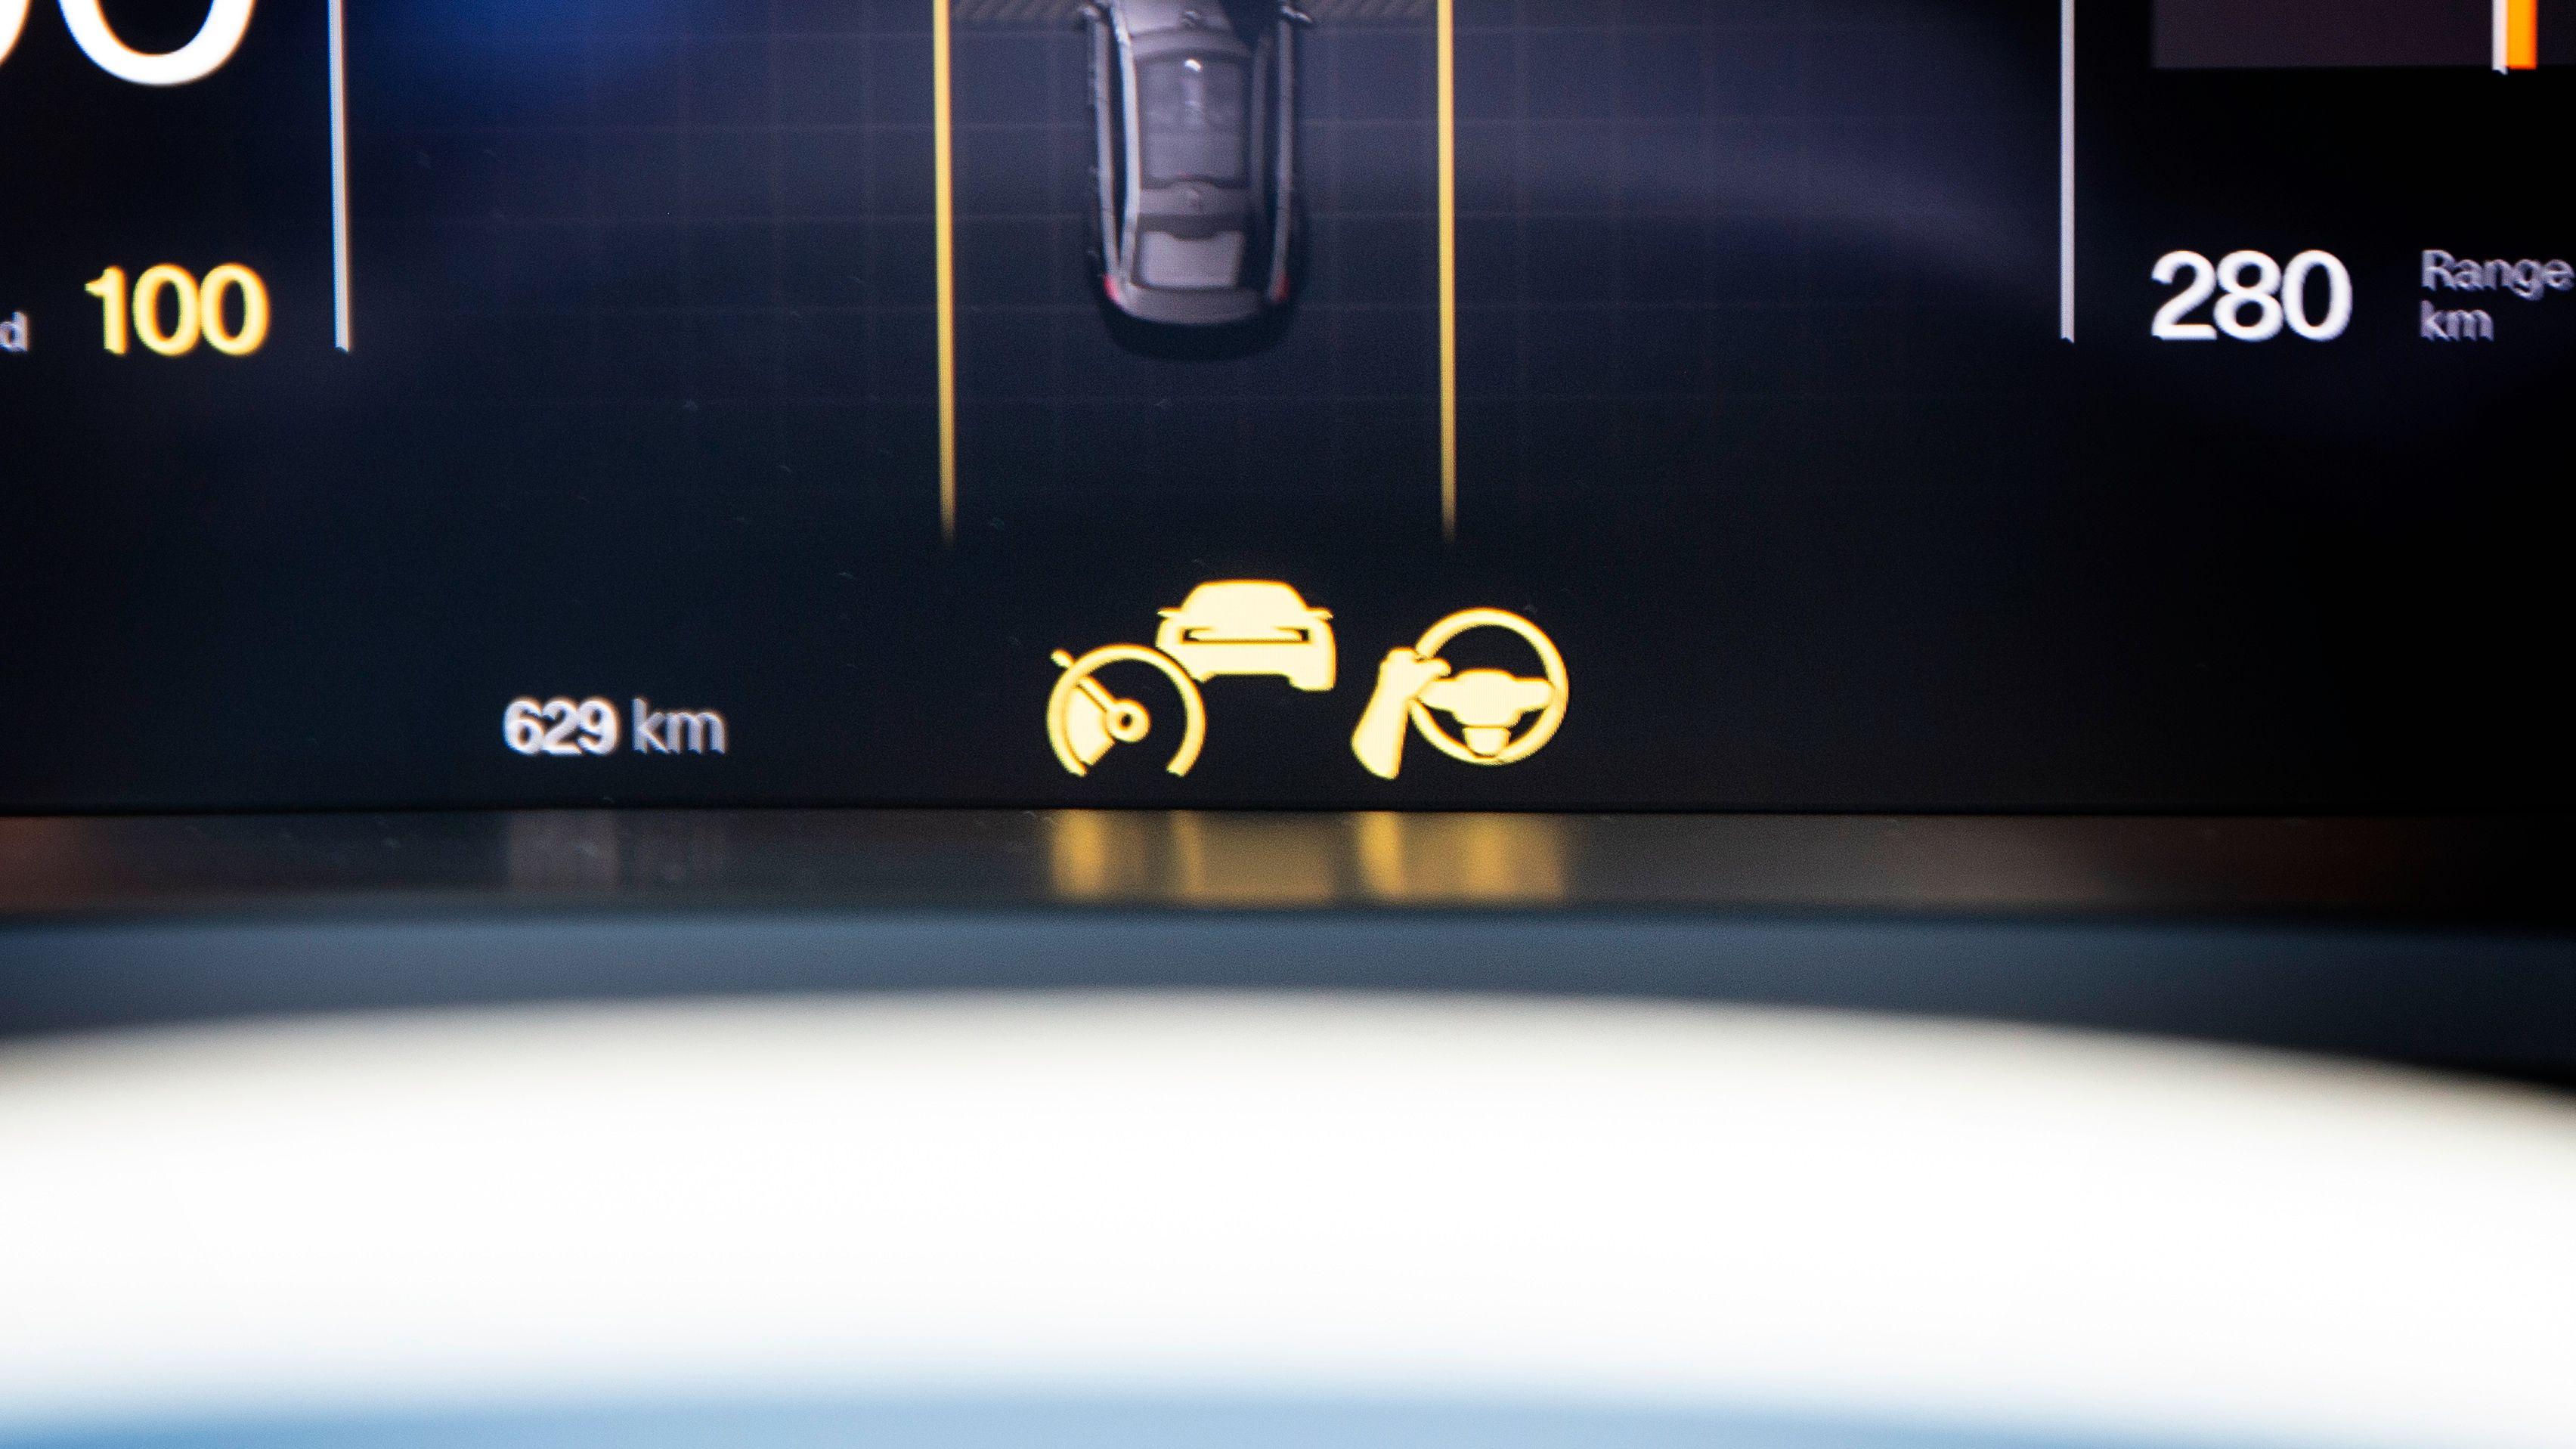 Pilot Assist angis midt i instrumentpanelet. Først aktiveres ikonet til venstre med adaptiv cruisekontroll, deretter Pilot Assist til høyre.